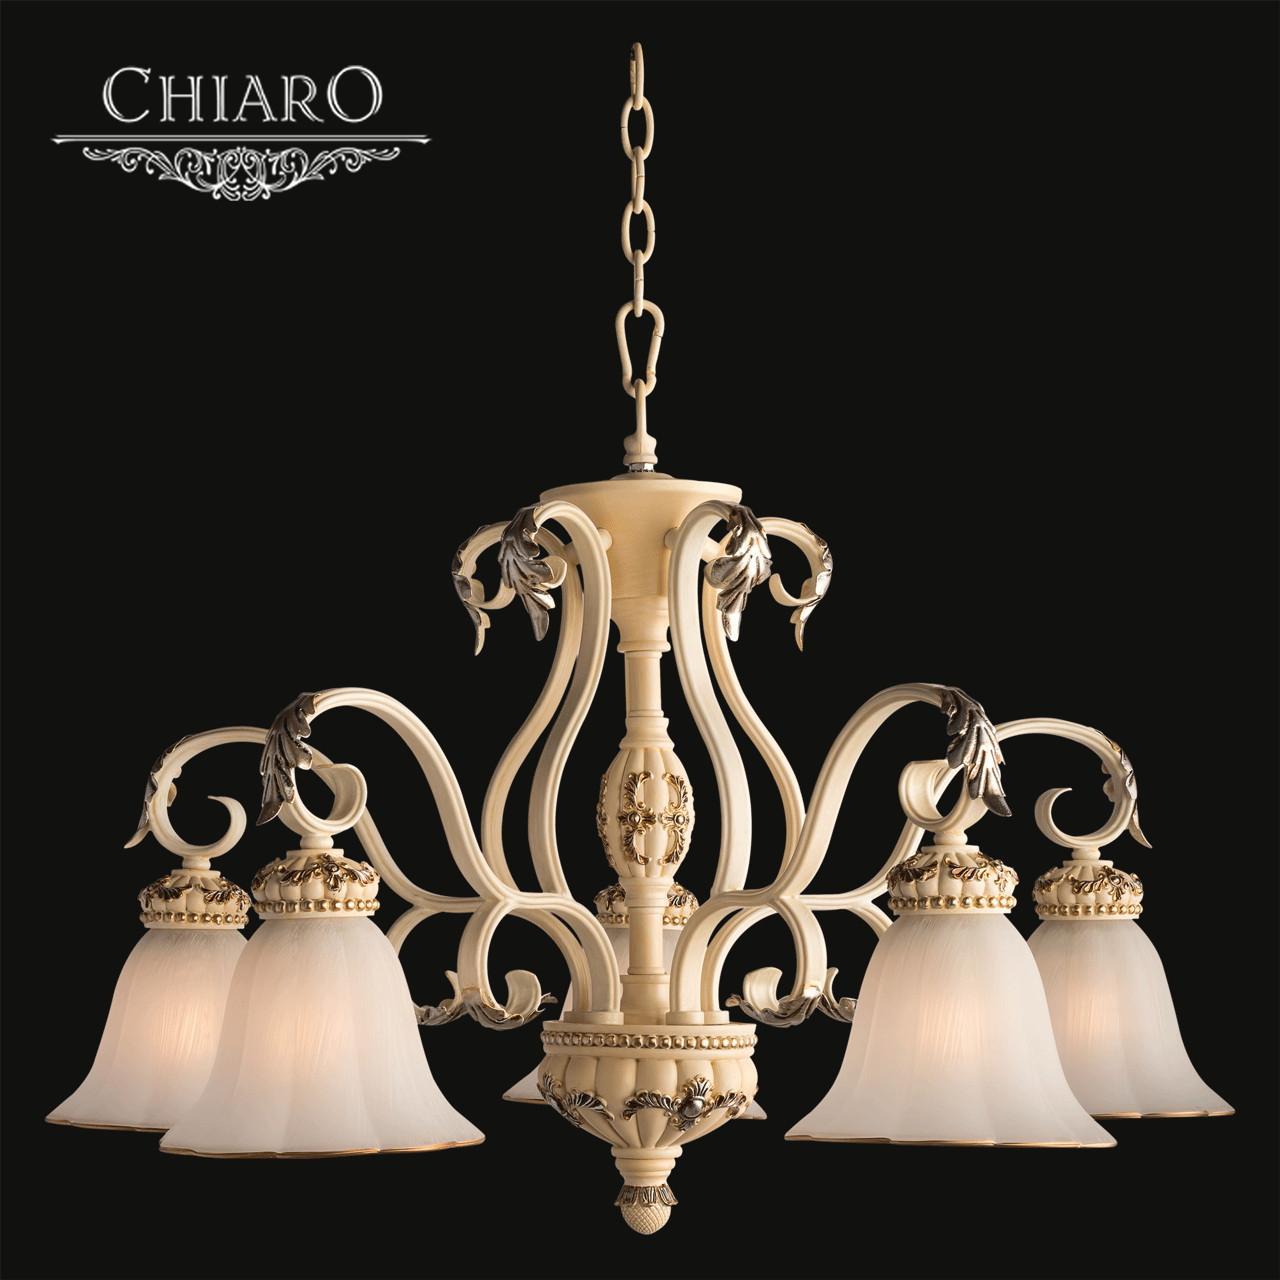 Люстра Chiaro Версаче 254019205 подвесная подвесная люстра chiaro версаче 639010305